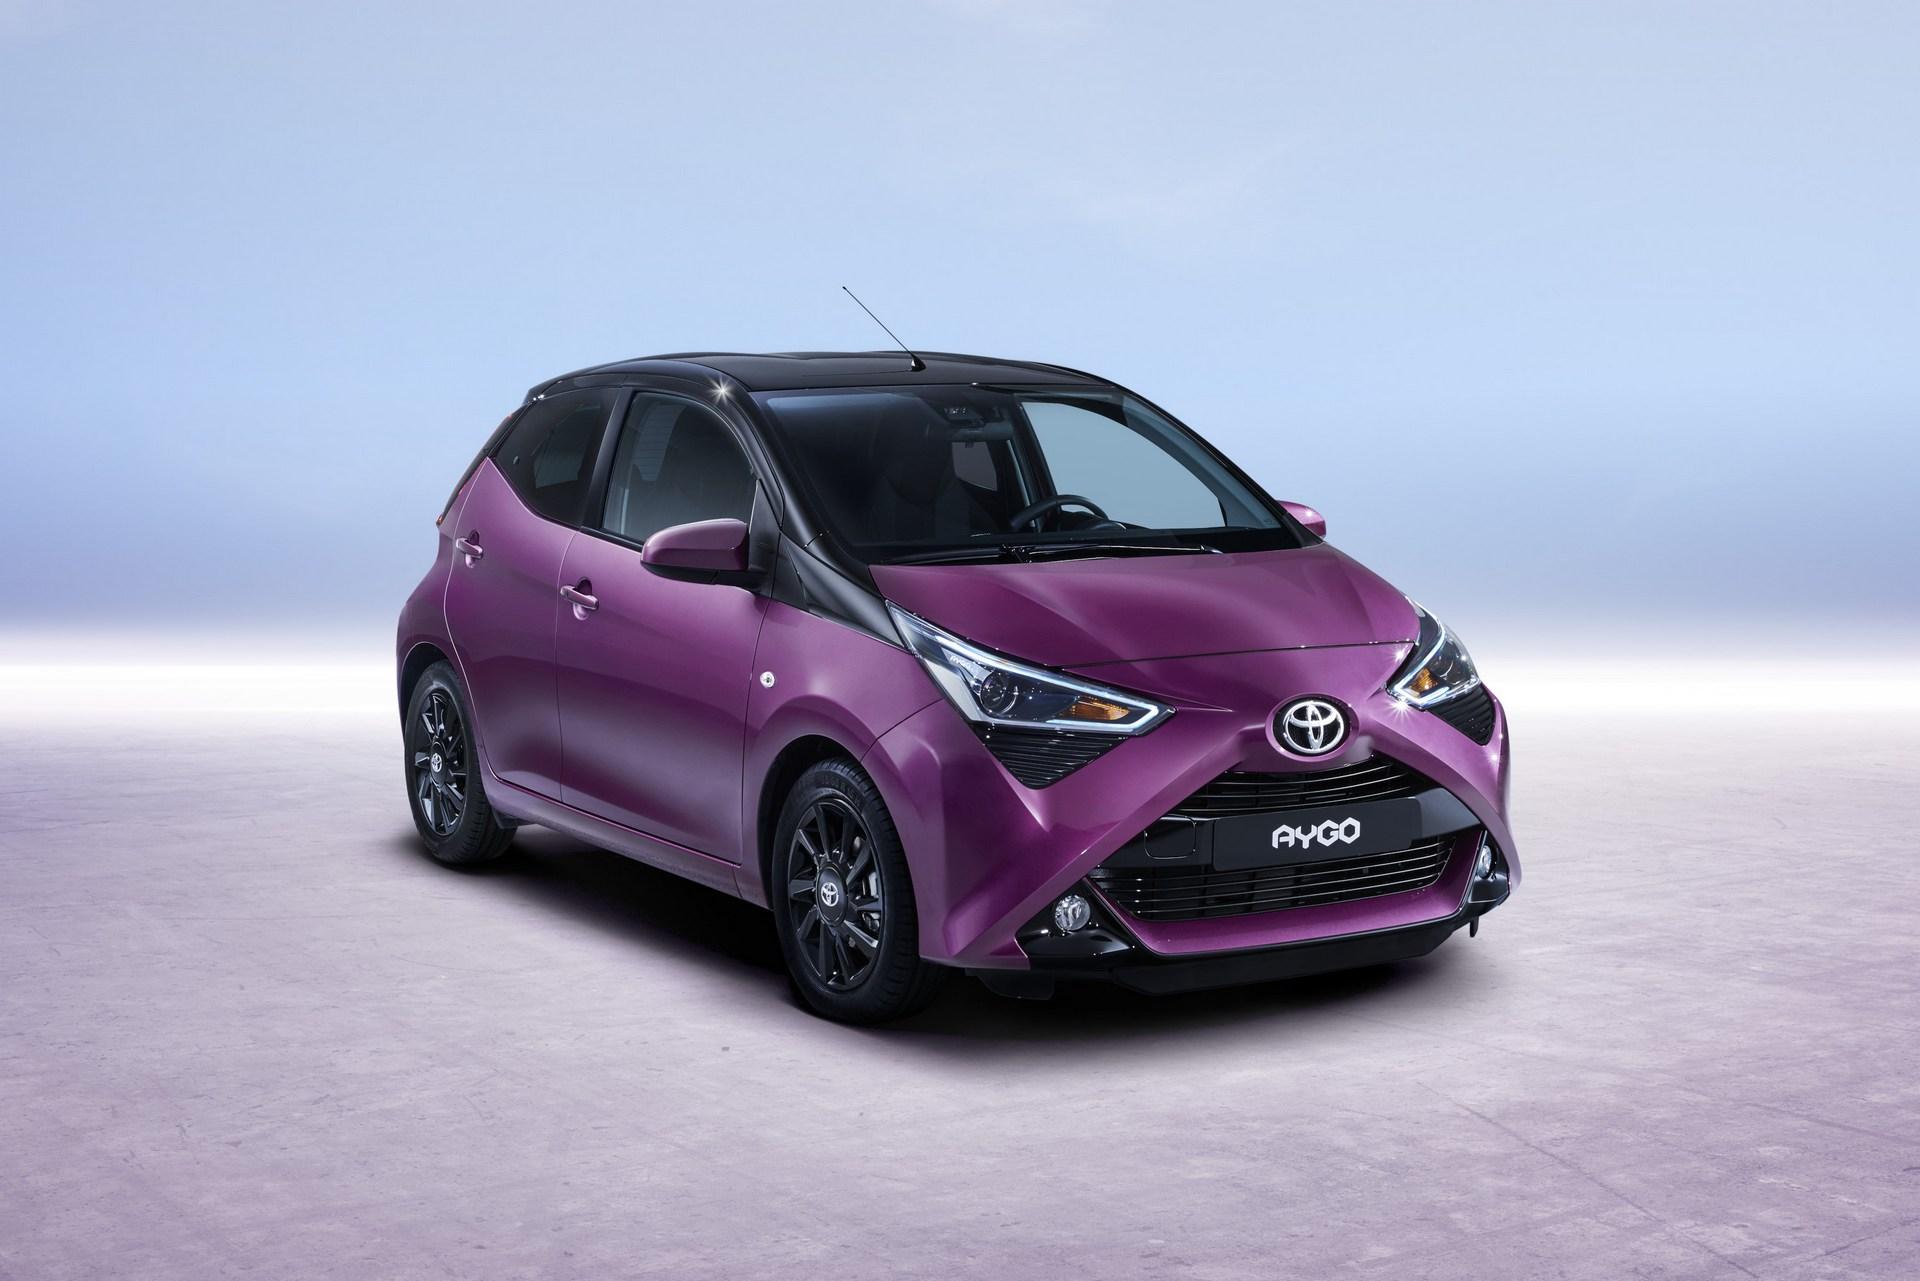 Toyota Aygo MY 2019